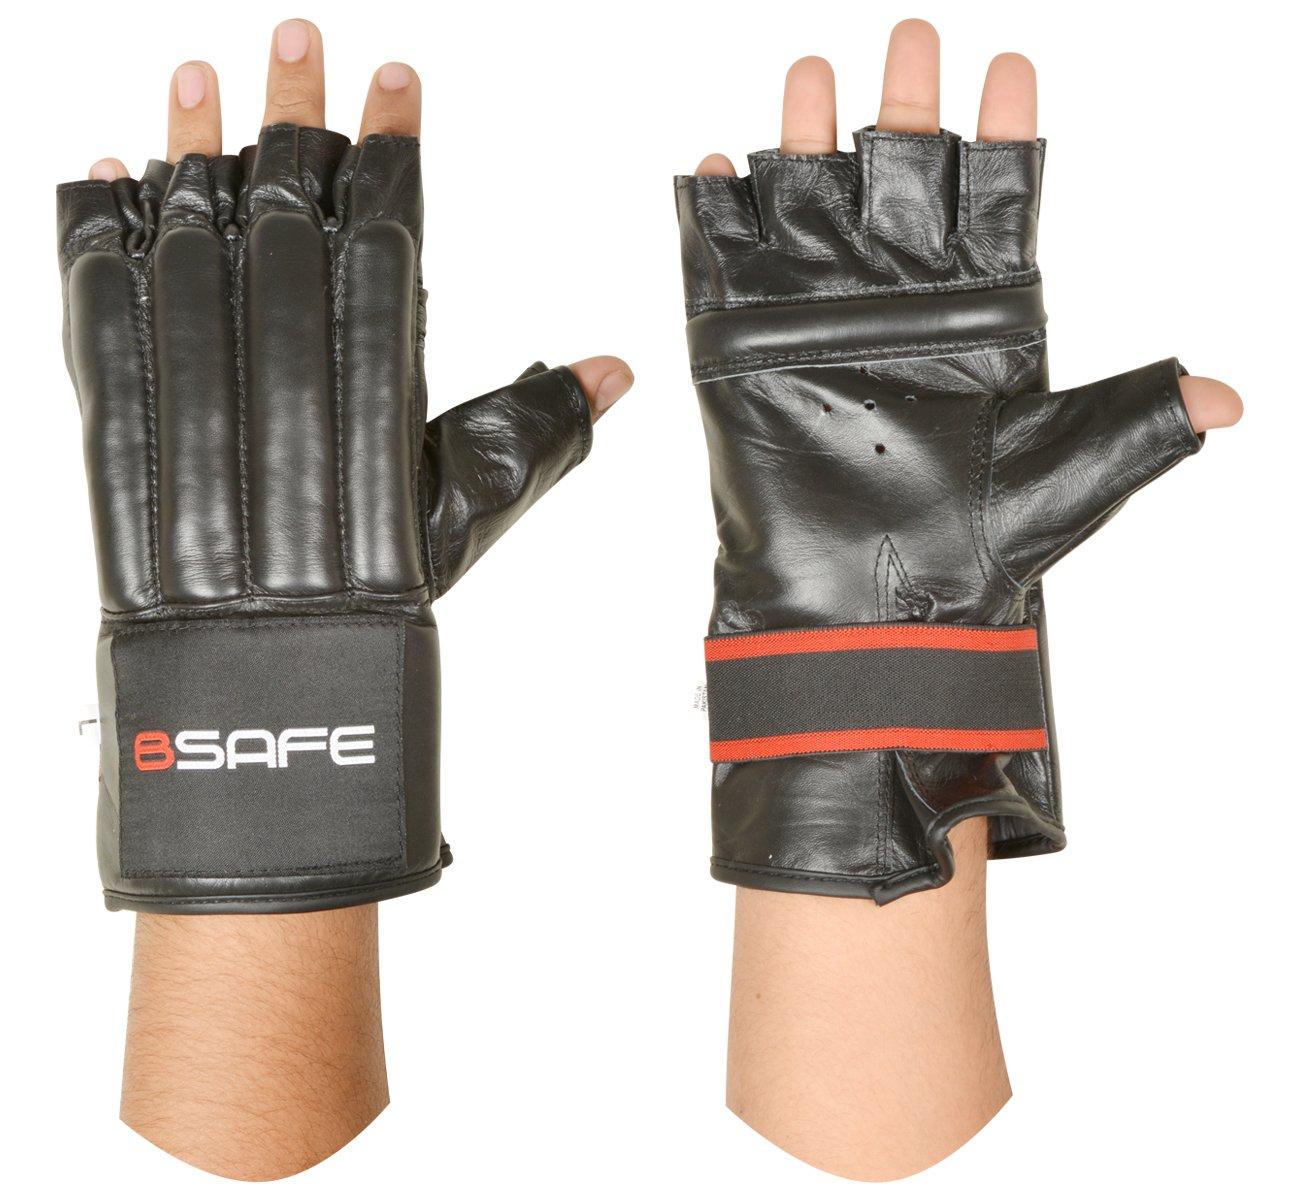 BSafe vaca ocultar piel cuerpo guantes Gel MMA boxeo saco de boxeo artes marciales Karate guante